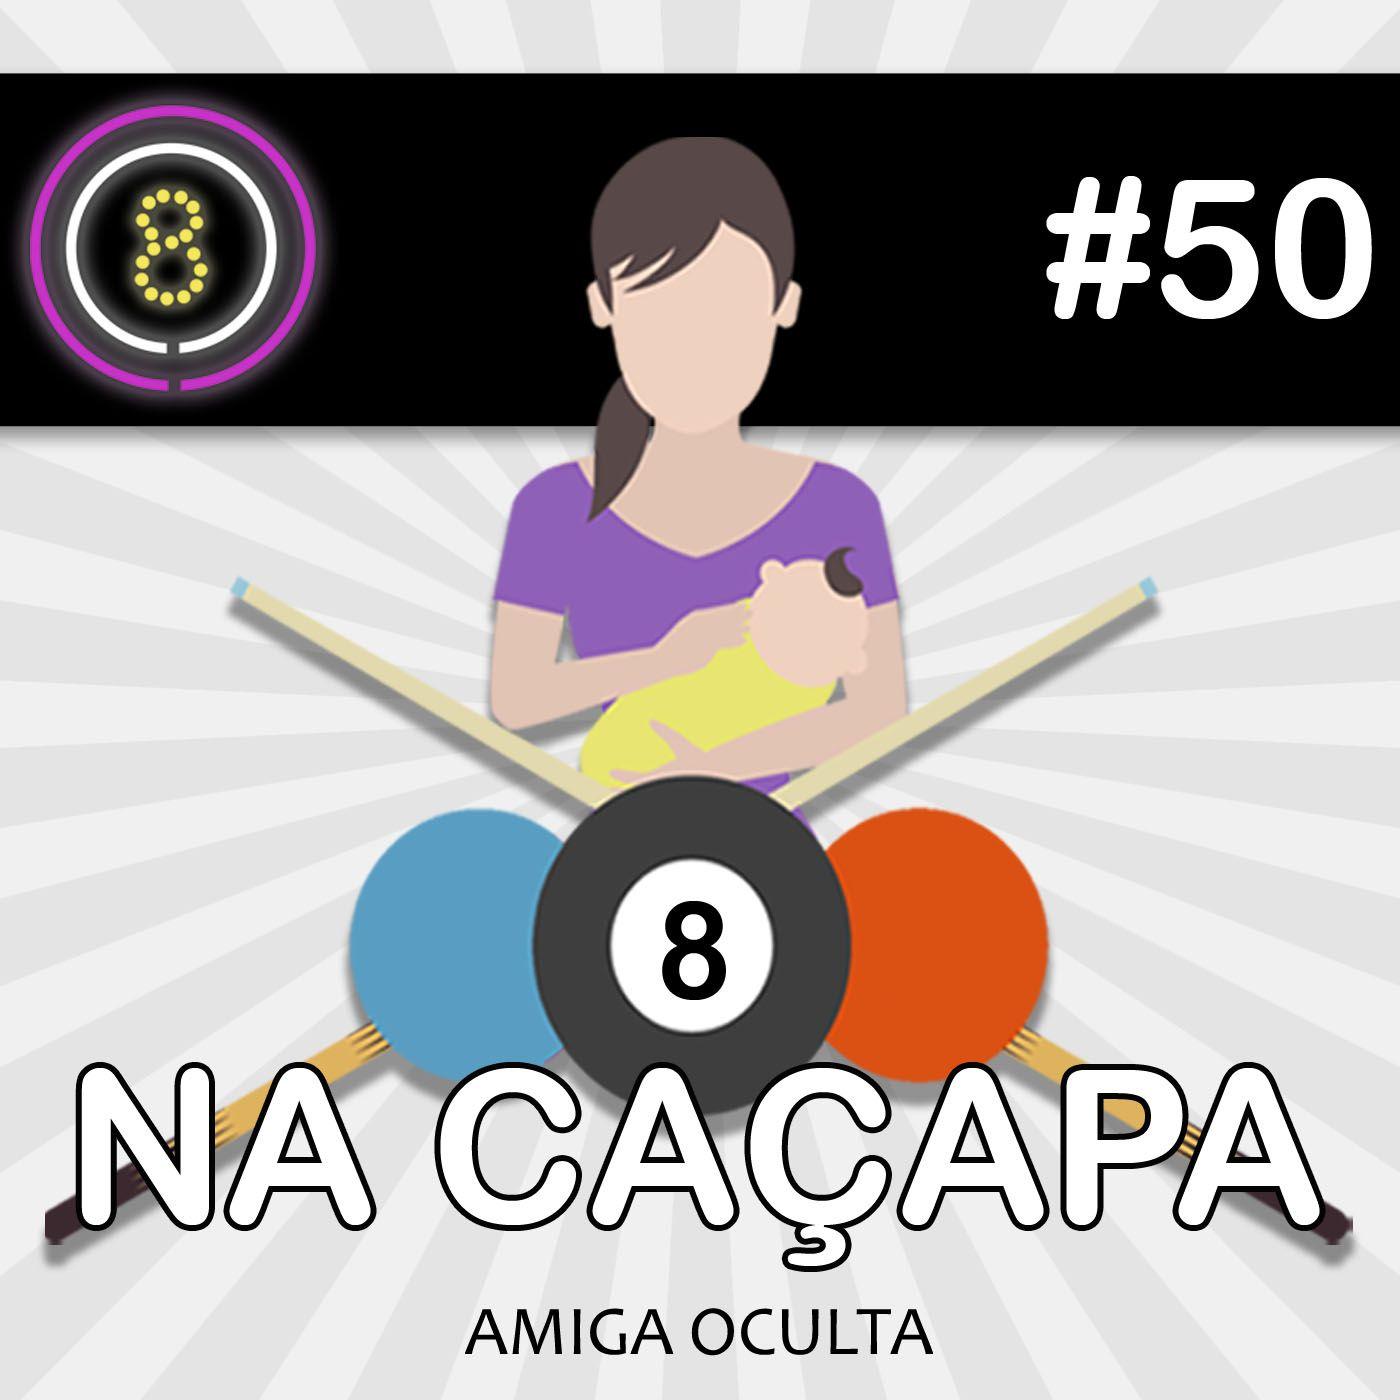 #50 - Amiga Oculta (Na Caçapa 08)